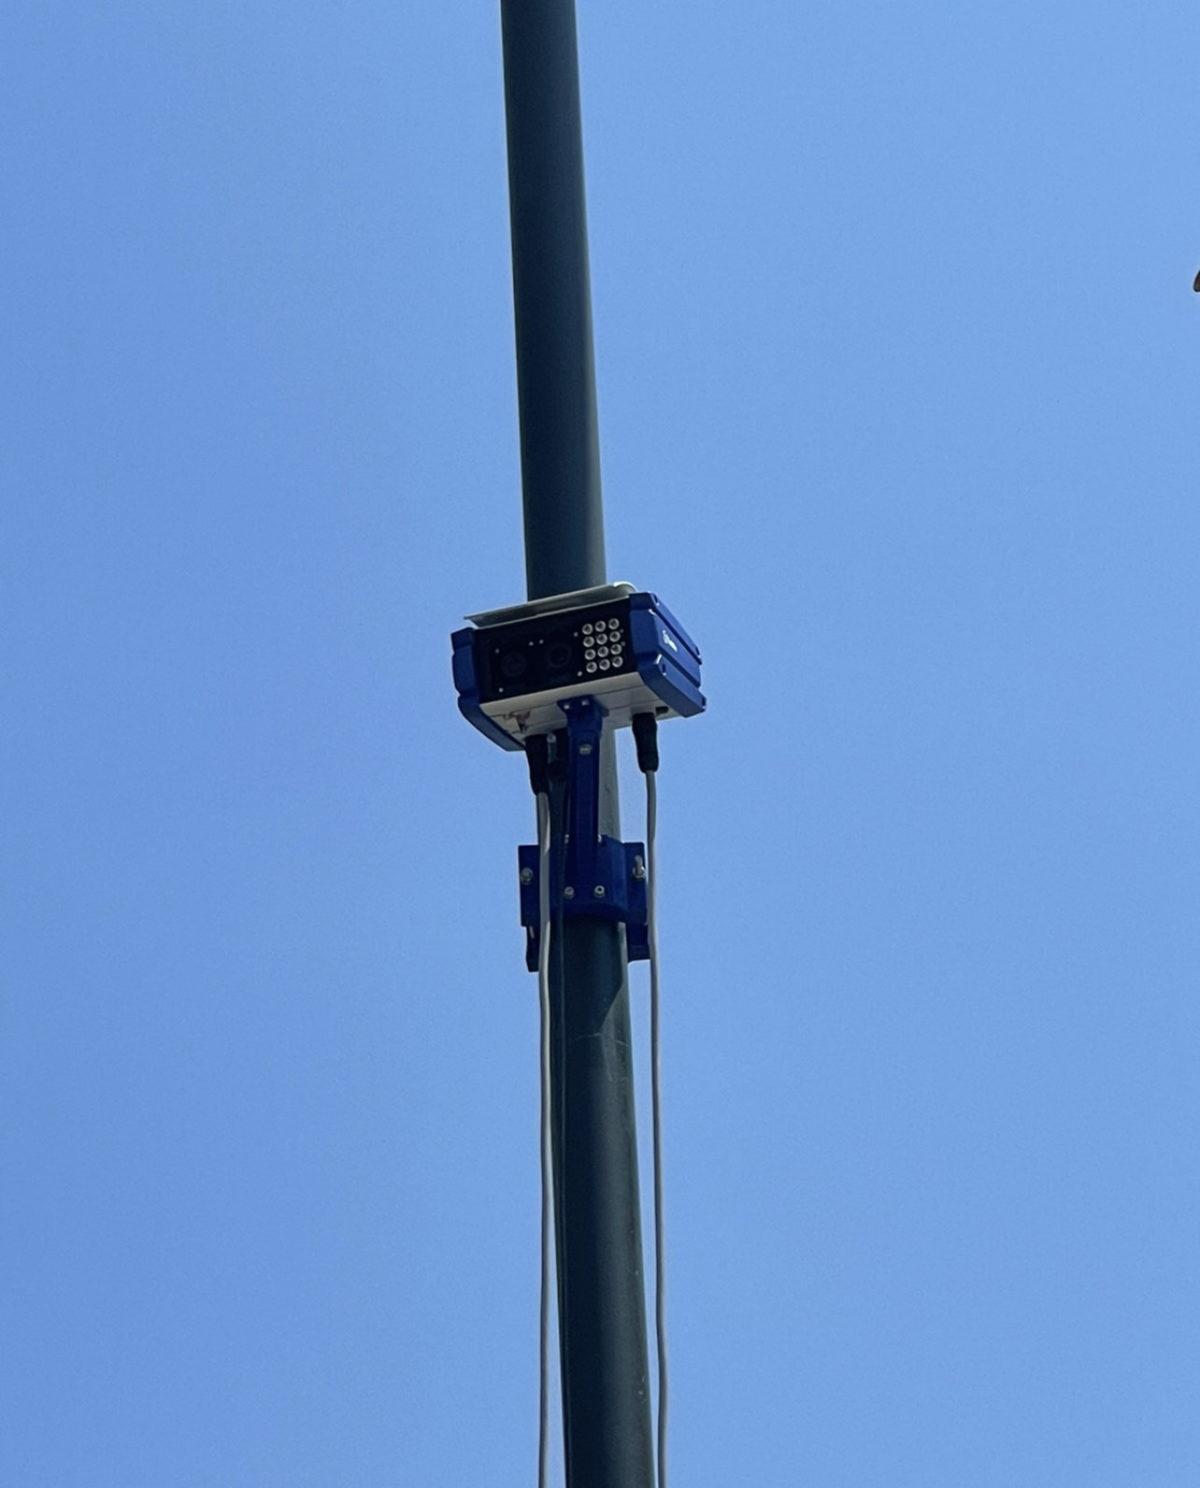 Στην Περιφέρεια Αττικής το πρώτο σύστημα ανίχνευσης παραβίασης ερυθρού φωτεινού σηματοδότη